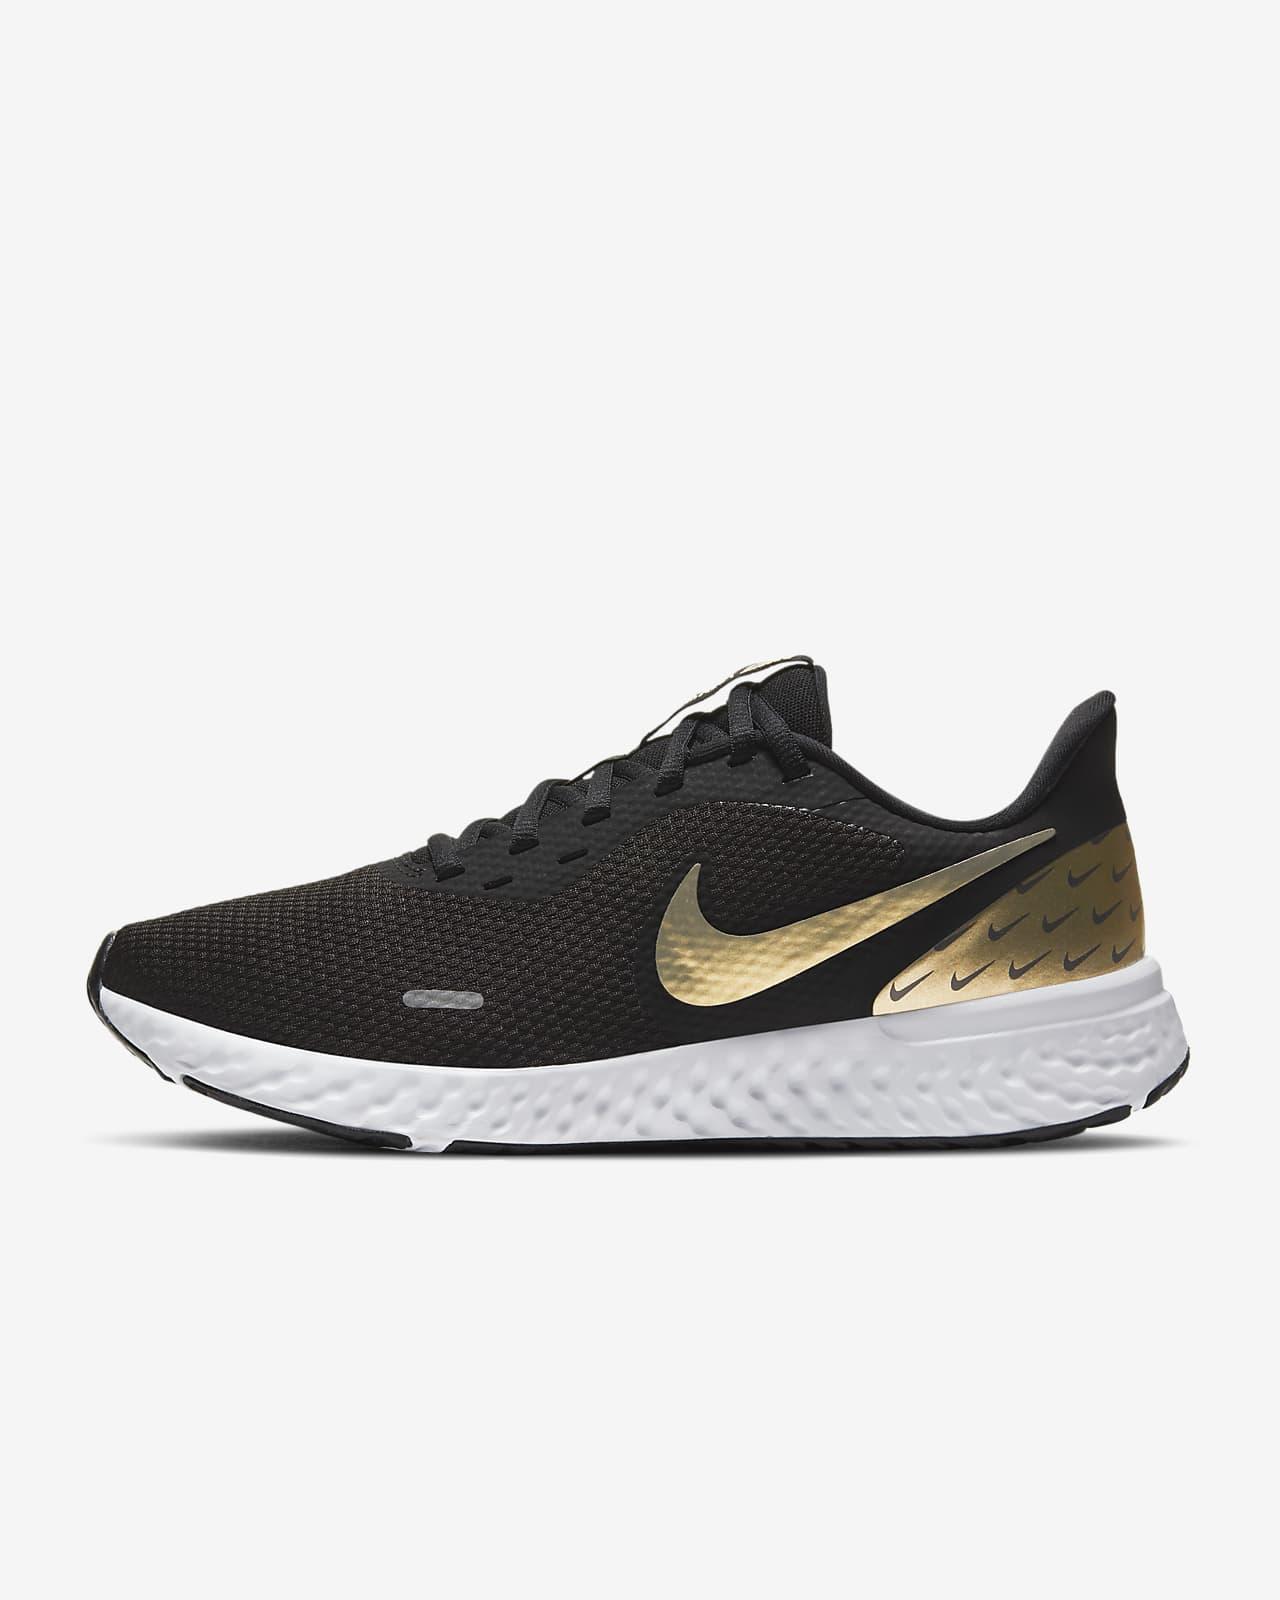 Dámská běžecká bota Nike Revolution 5 Premium